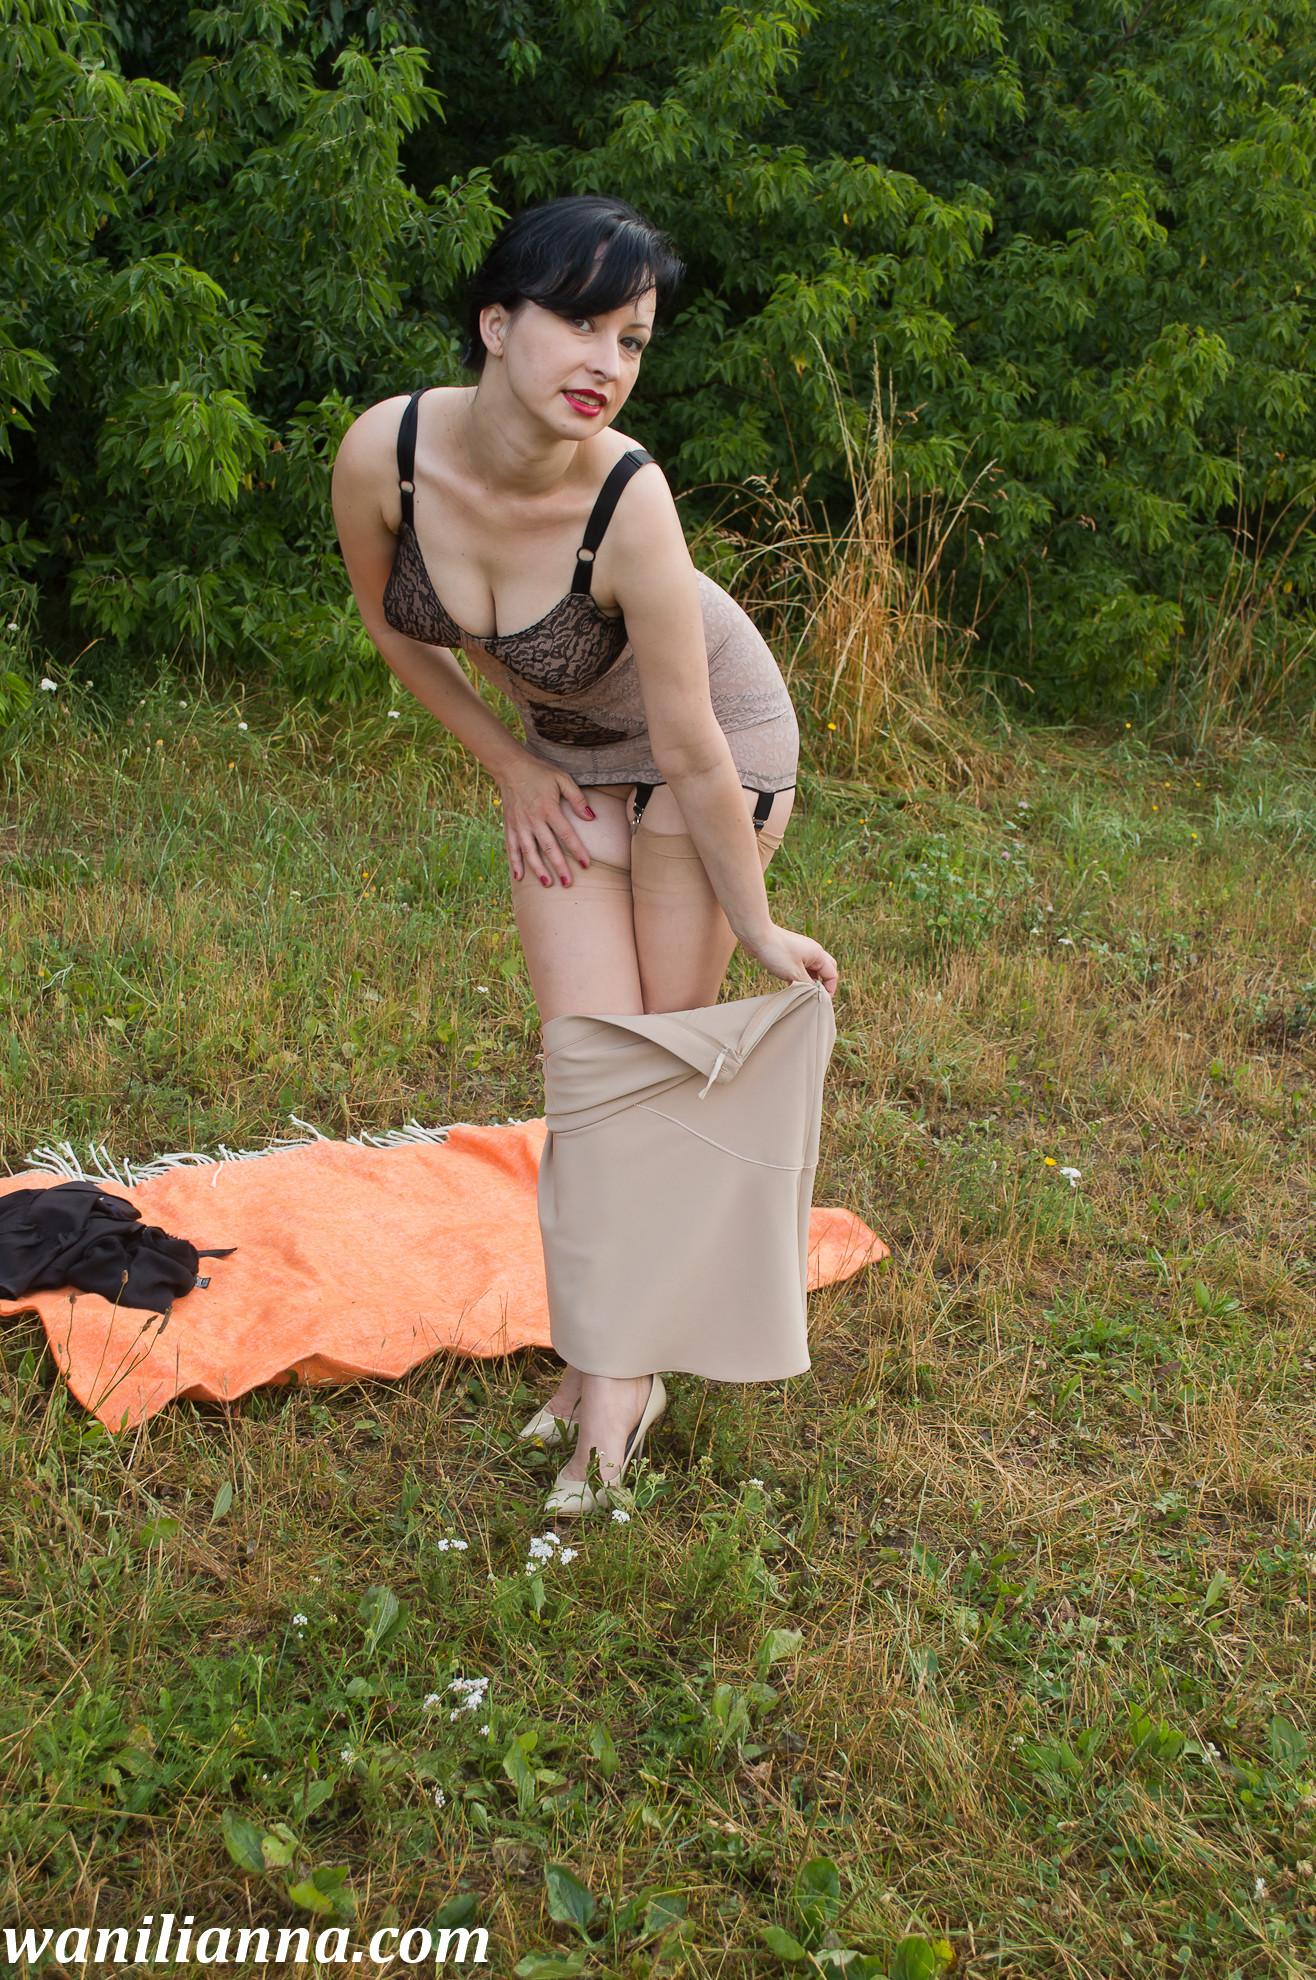 Зрелая брюнетка показывала пизду на загородном пикнике